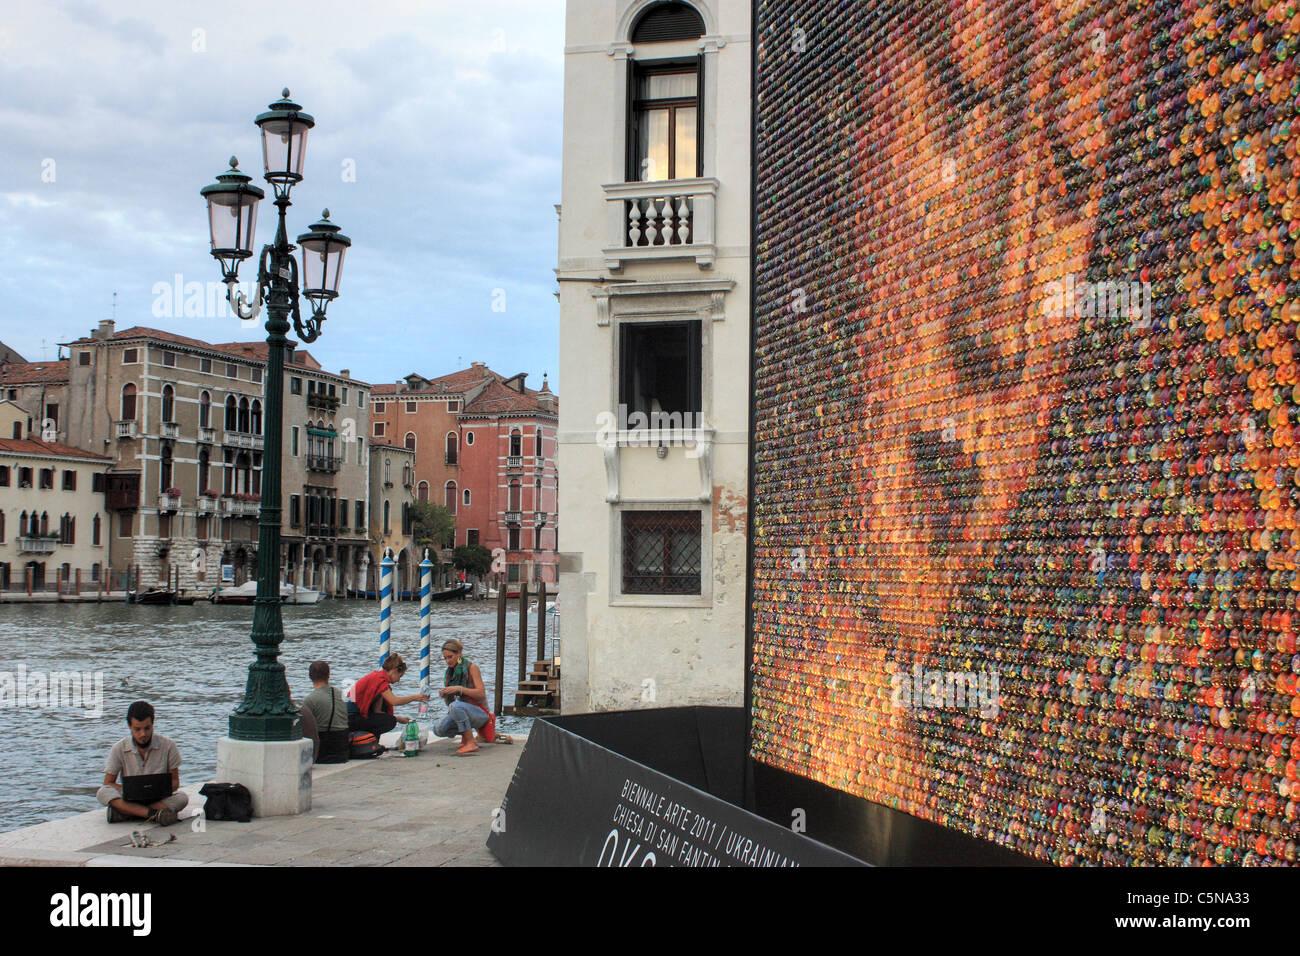 La Biennale di Venezia, Art exhibition Venice - Stock Image